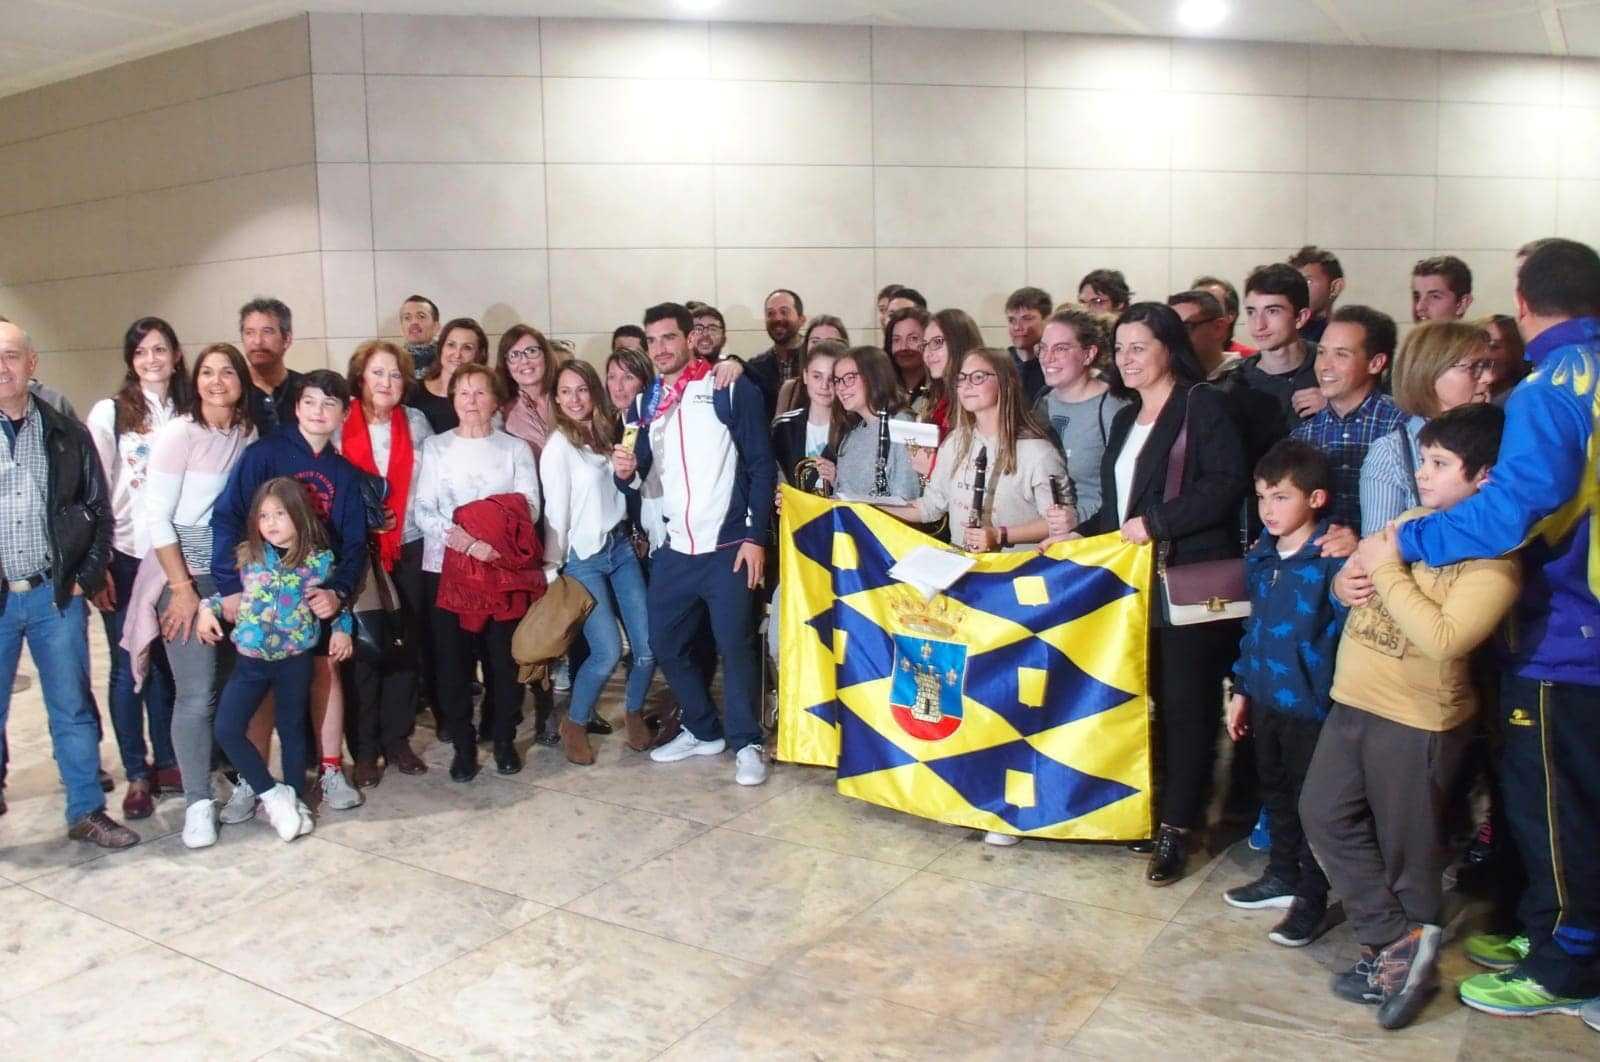 Amigos, familiares, autoridades y la banda de música de Onil reciben al atleta Jorge Ureña en el aeropuerto de Alicante